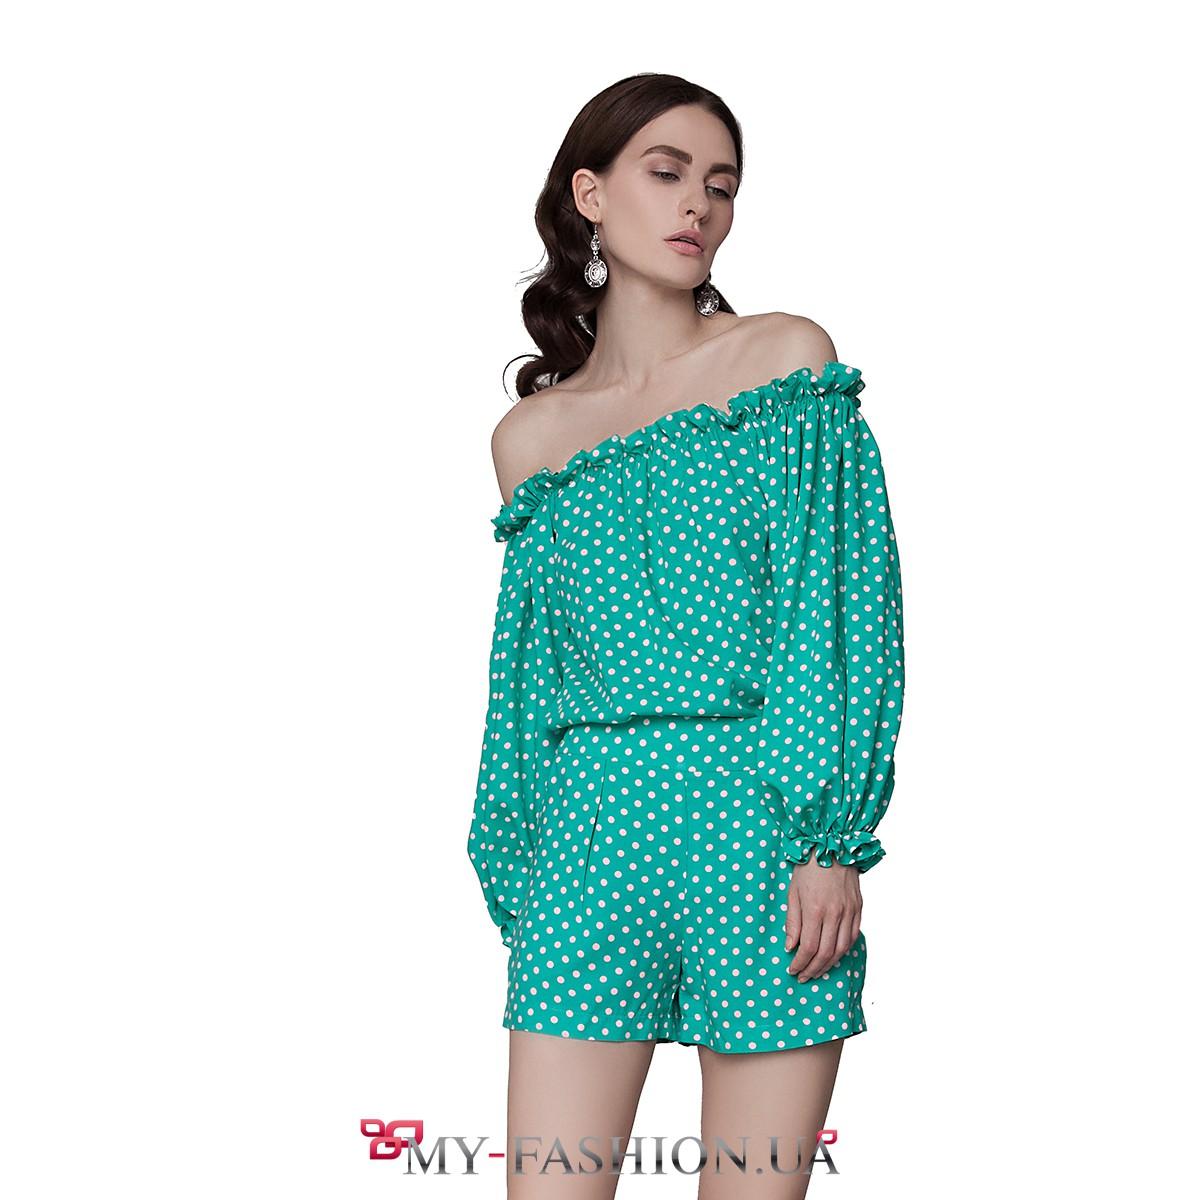 Женская одежда линия